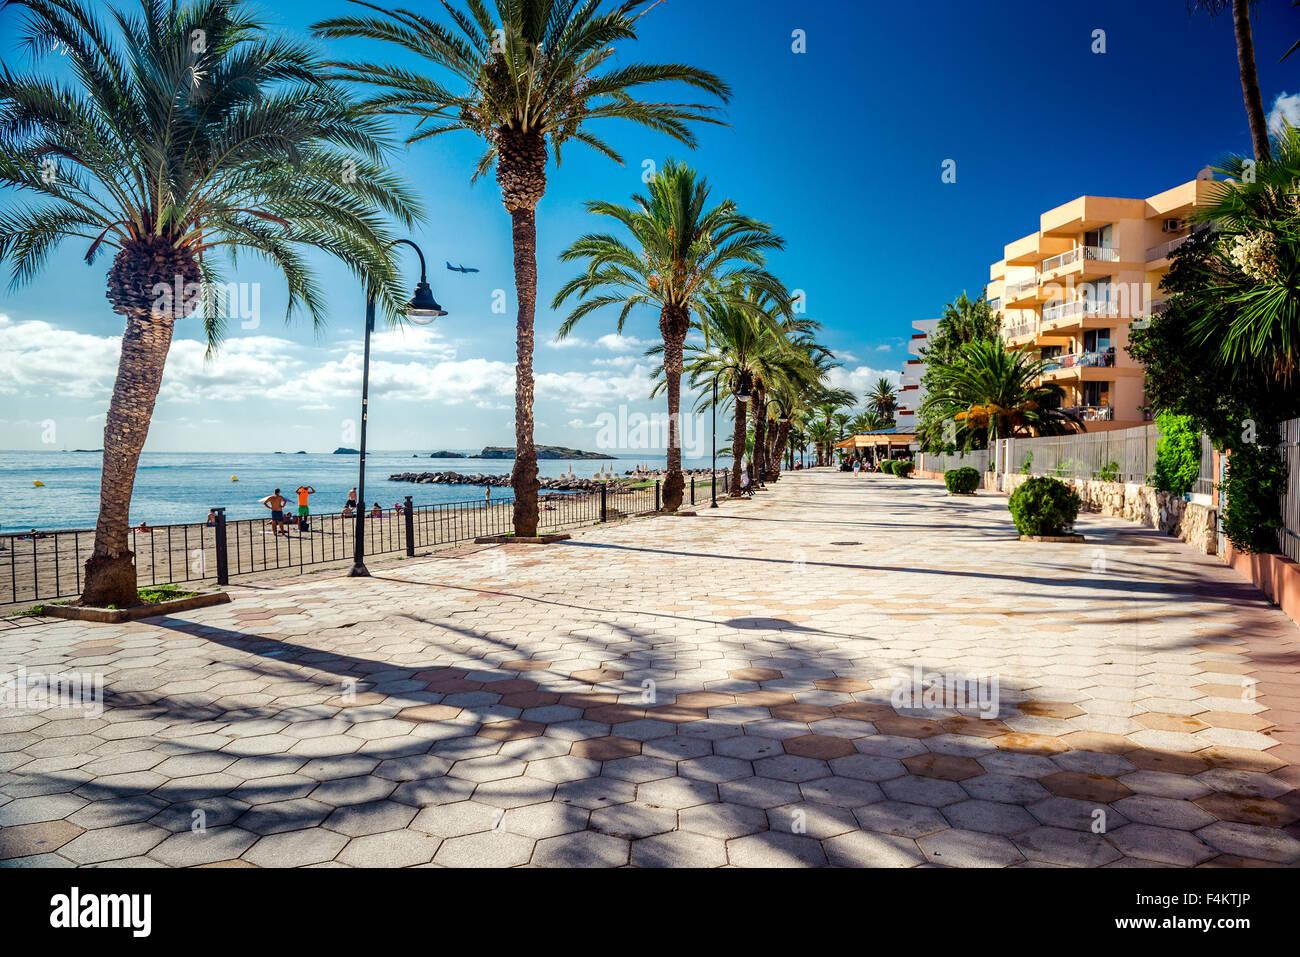 Vista del lungomare di Ibiza. Spagna Immagini Stock